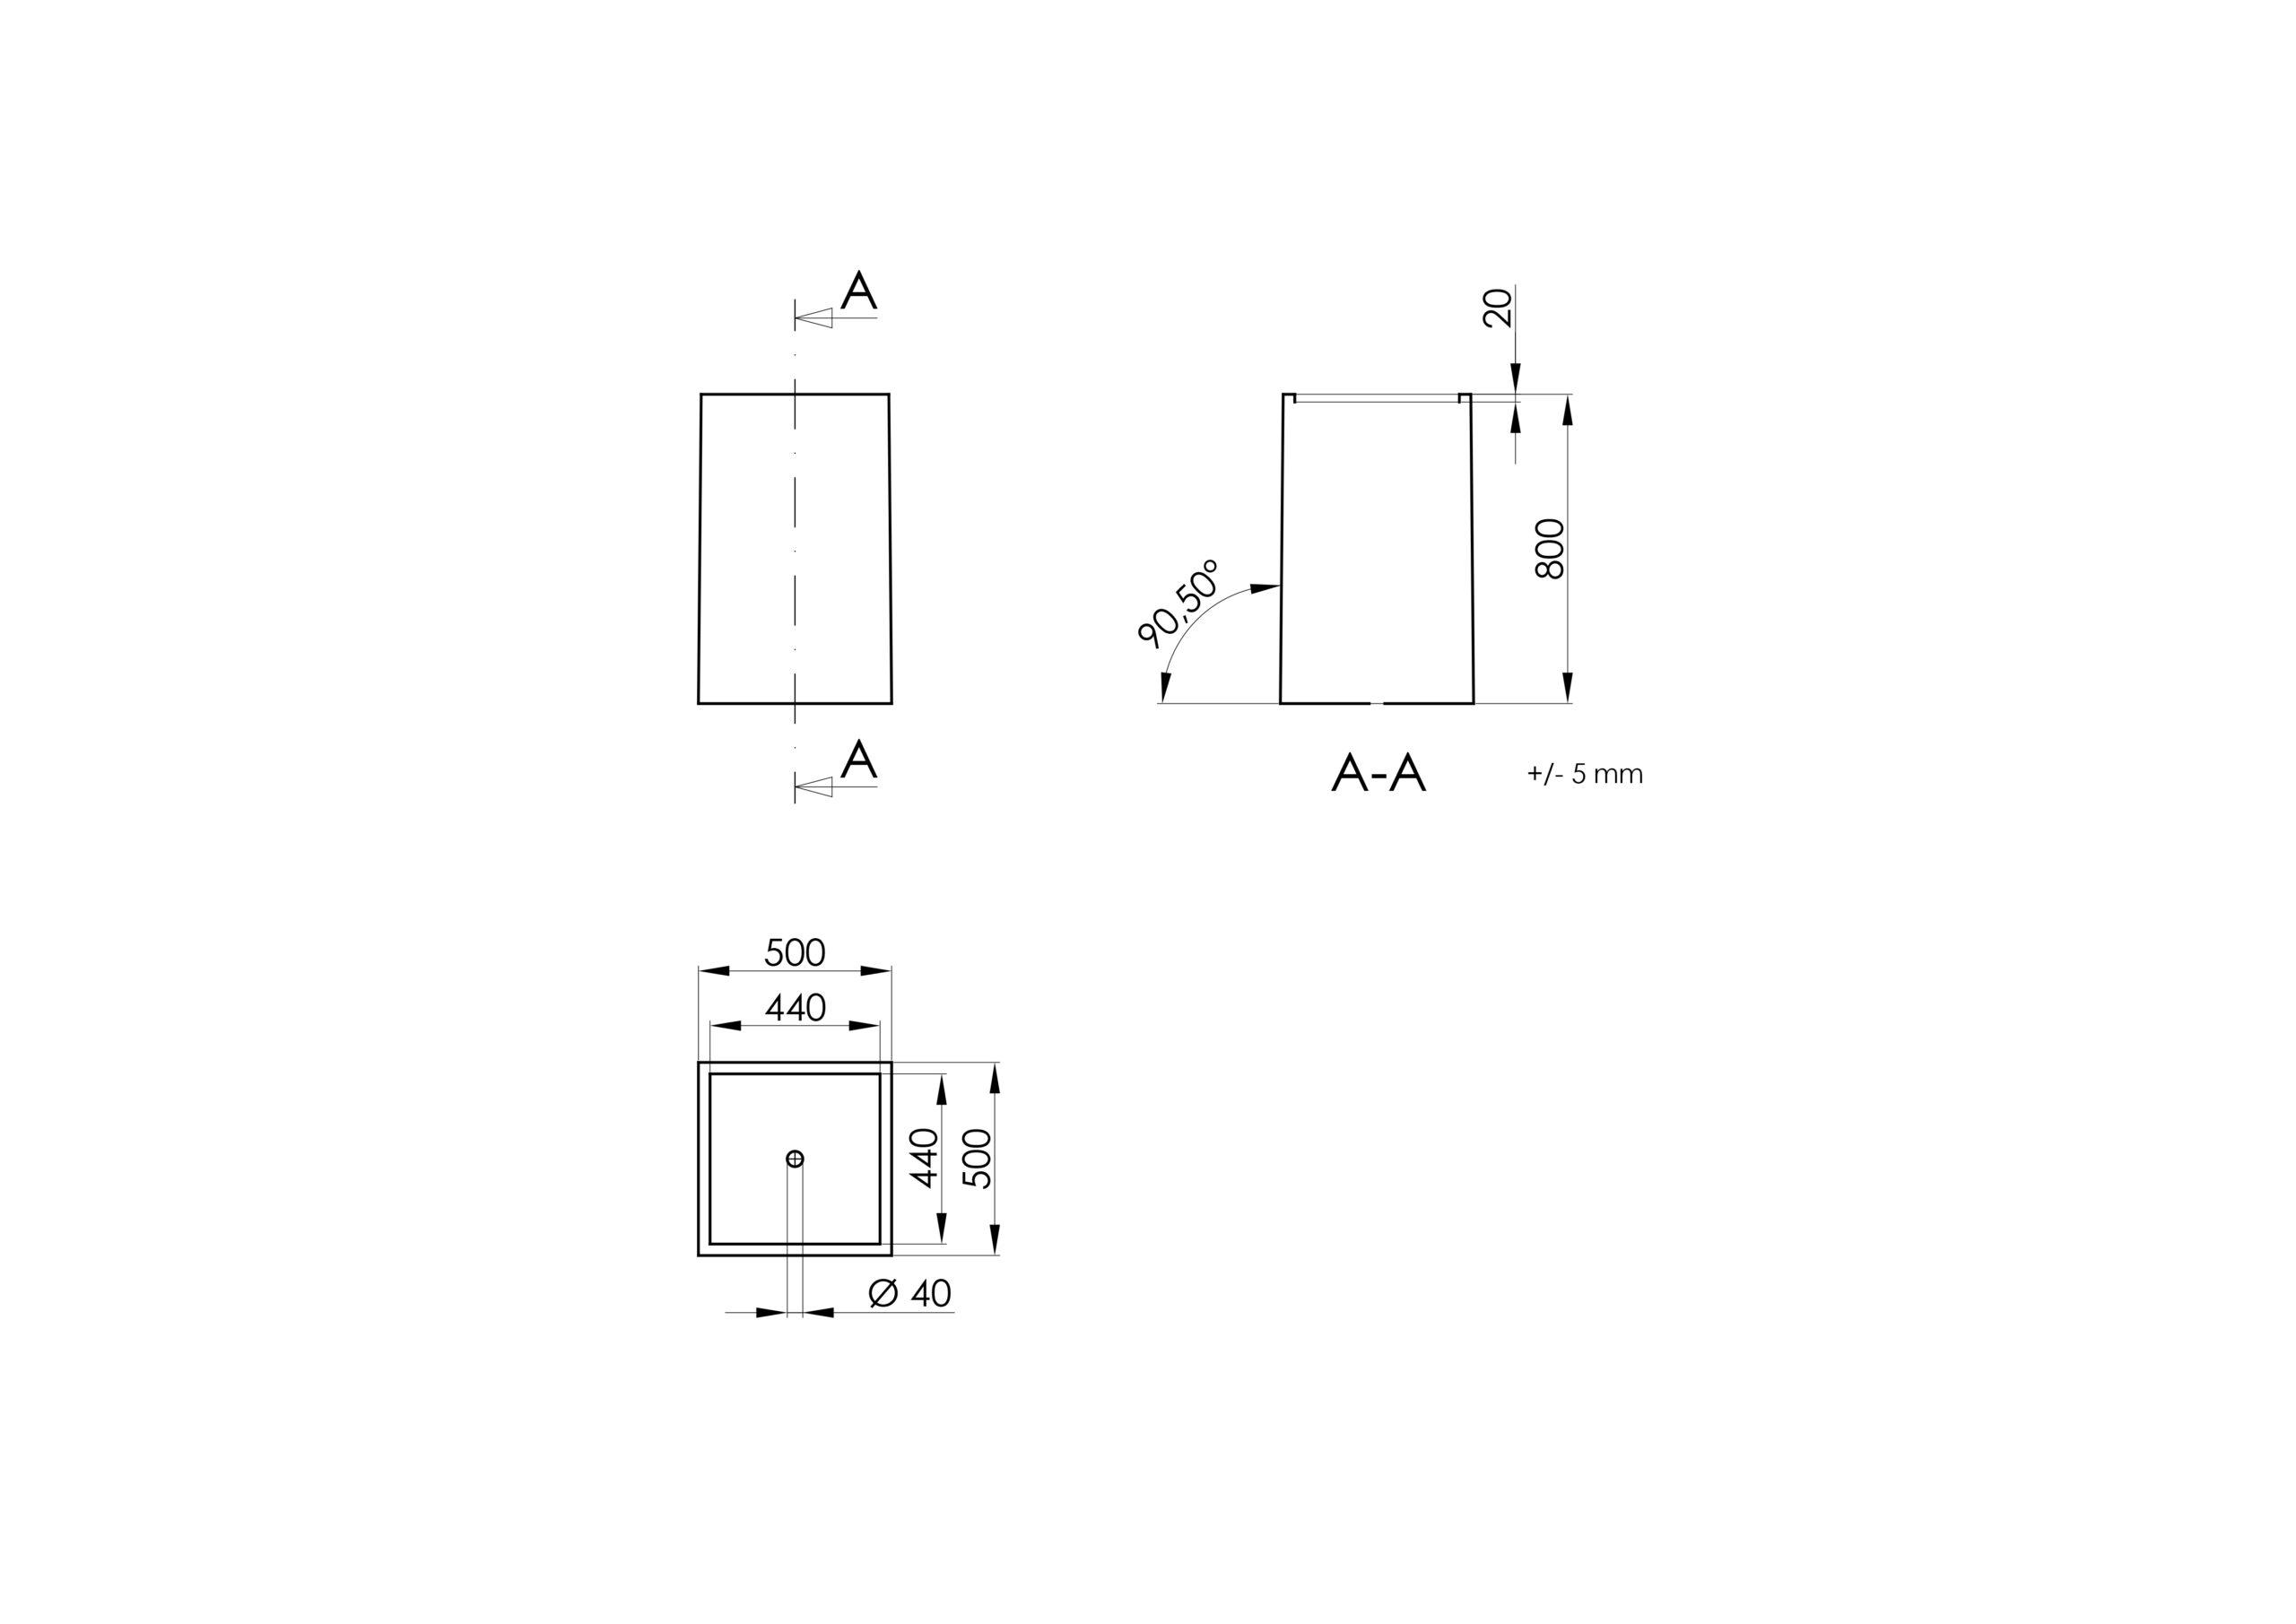 Carlo 4 - Technisches Zeichnen